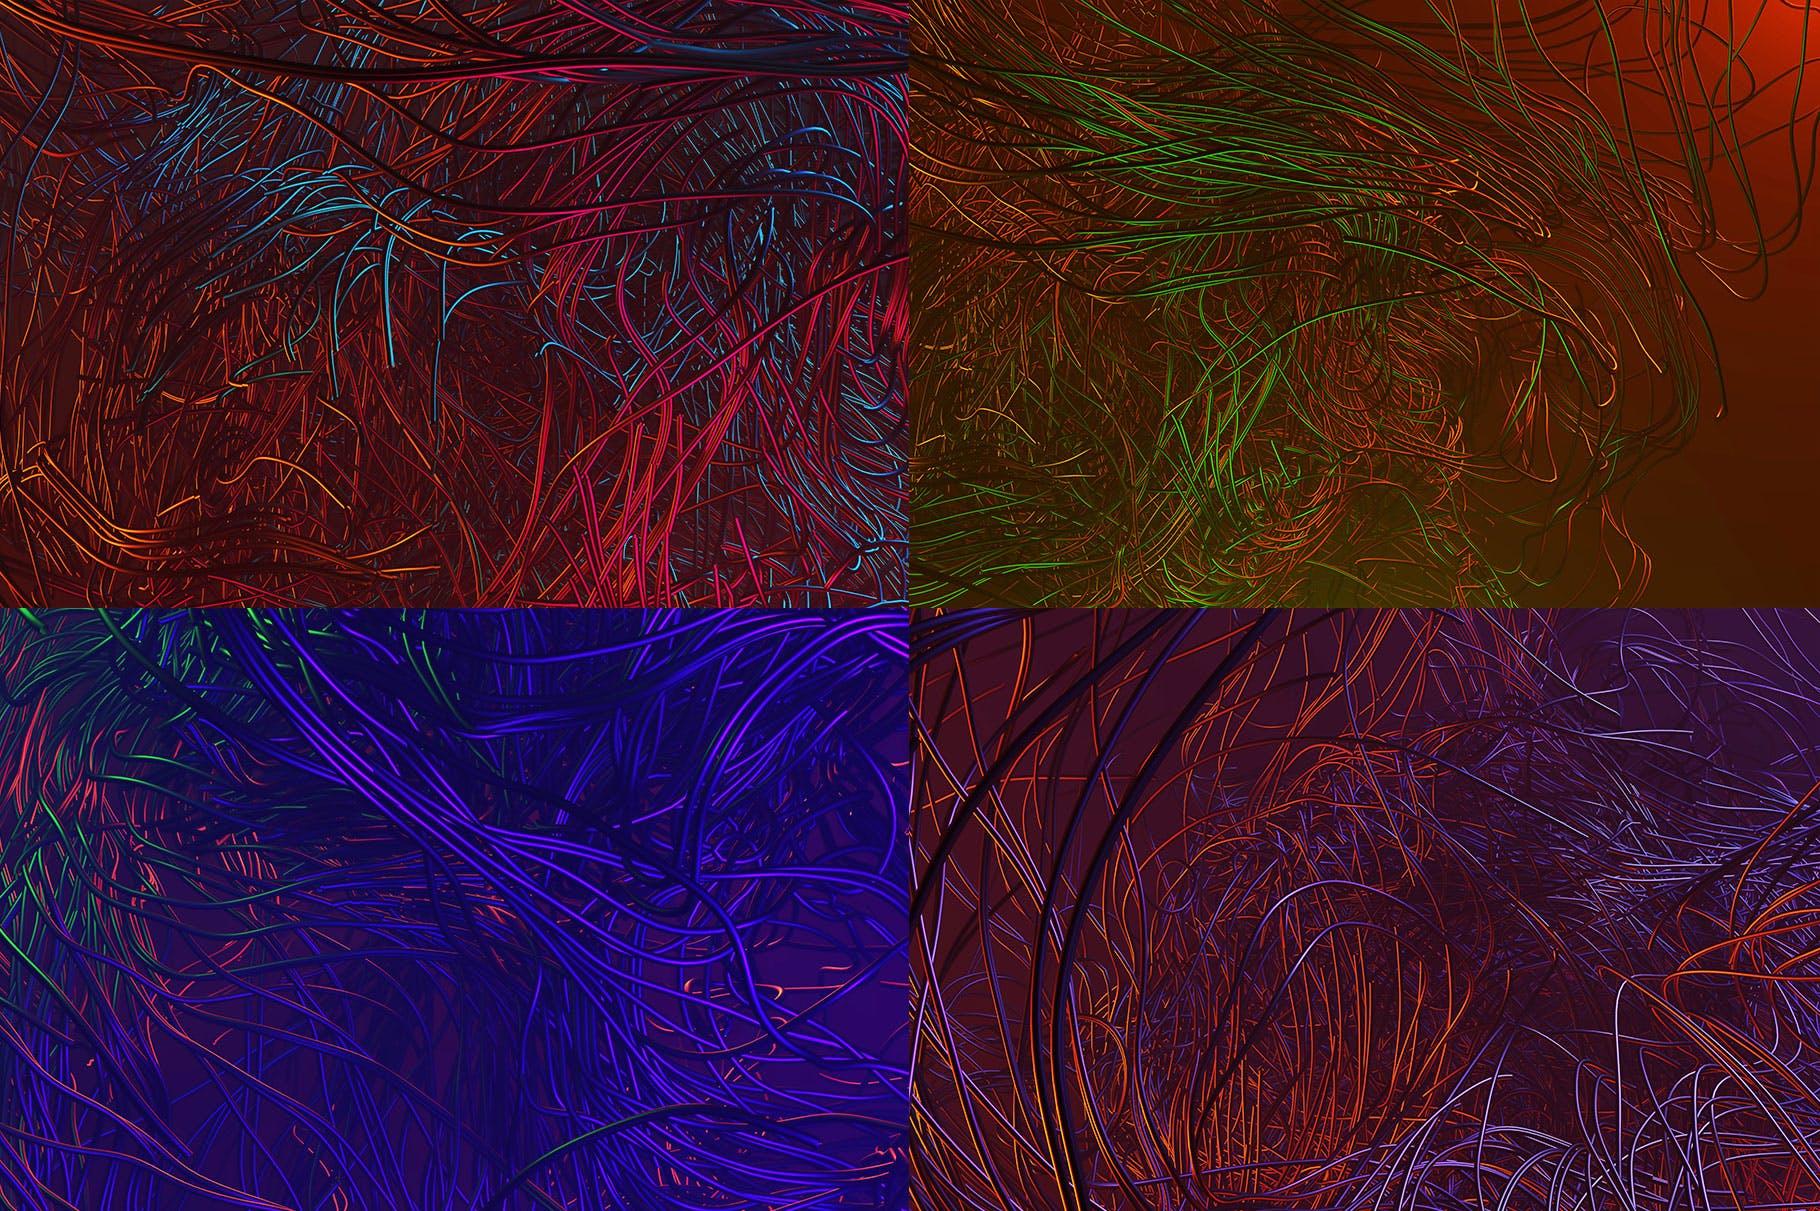 15个未来派3D背景Tentacles - 15 Futuristic 3D Backgrounds